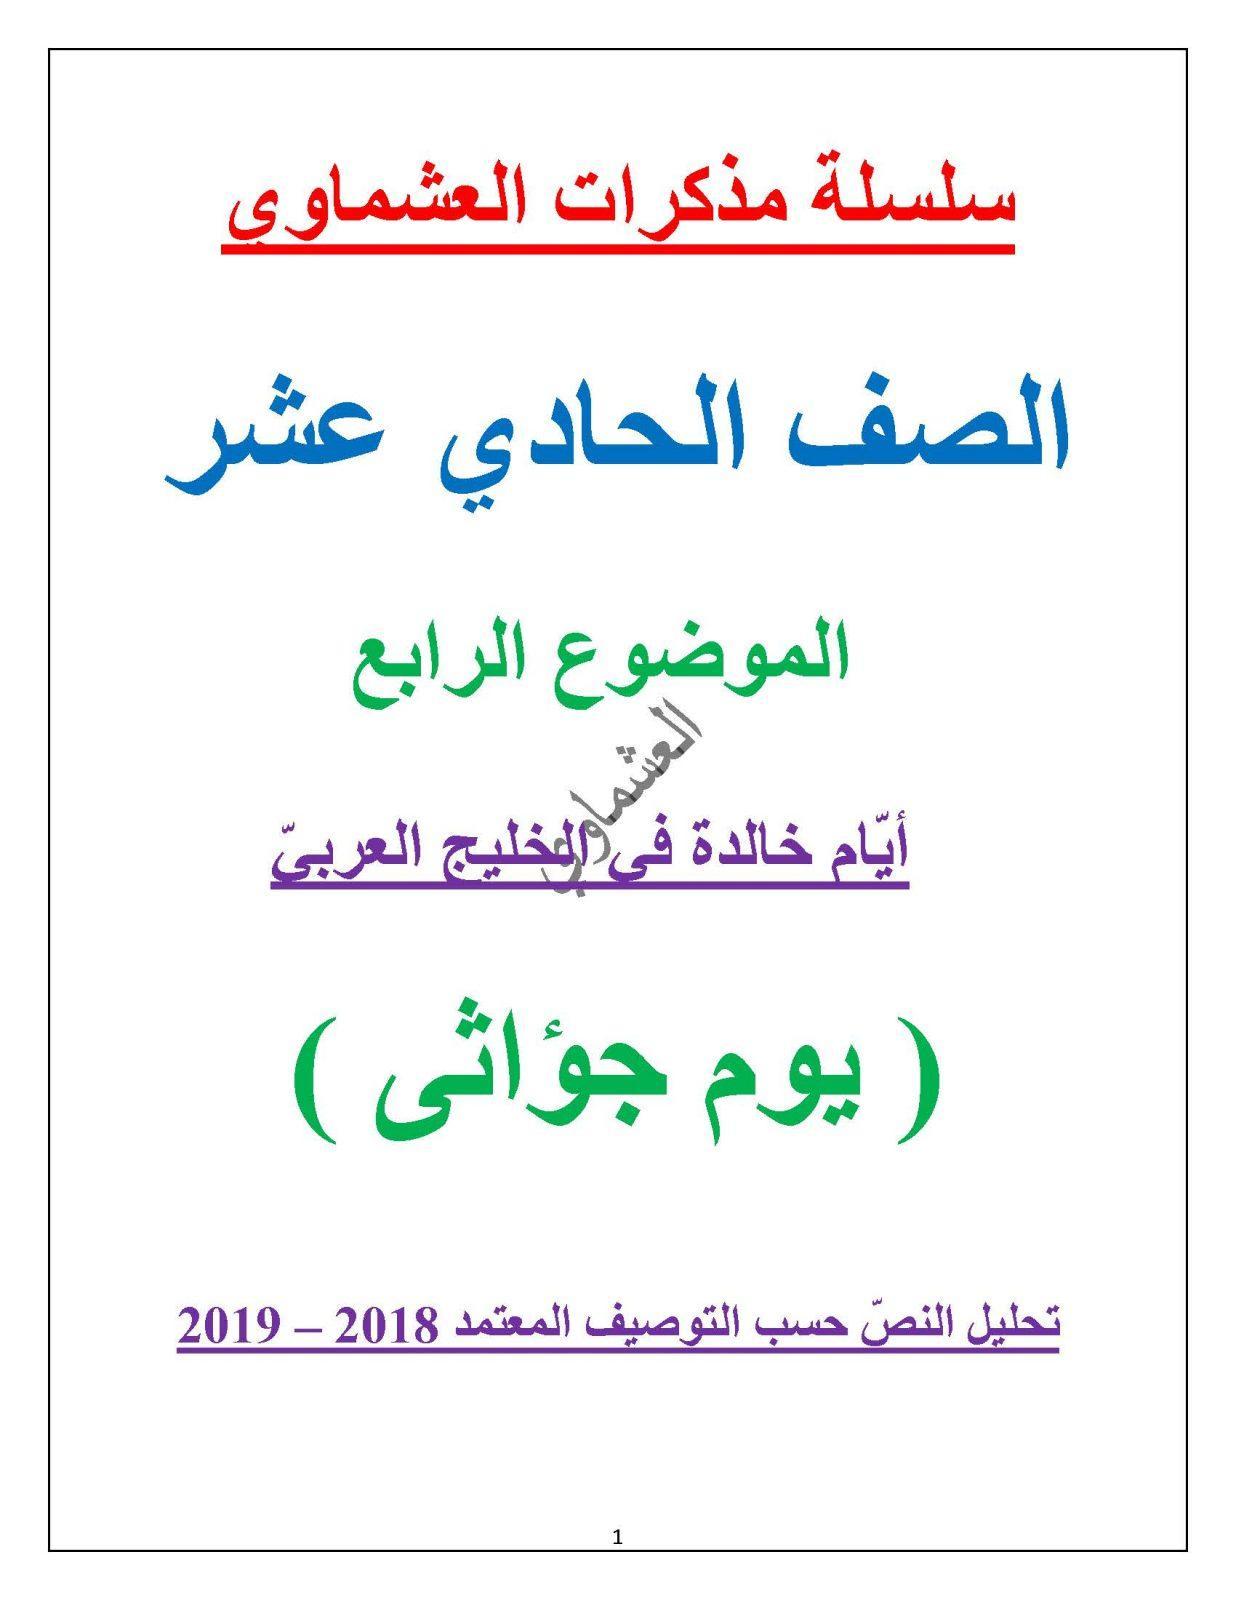 مذكرة لغة عربية يوم جؤاثى الصف الحادي عشر الفصل الثاني أ. العشماوي 2018-2019